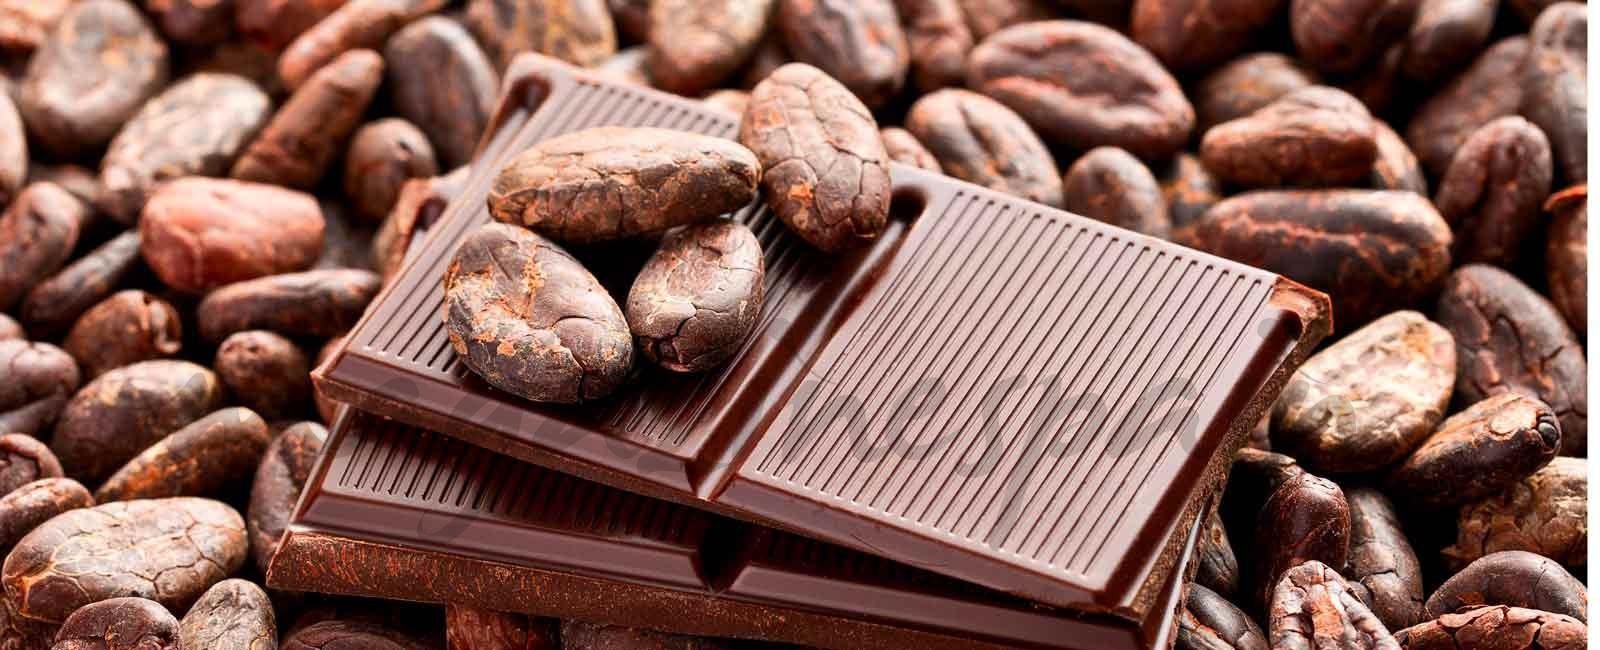 5 alimentos altos en calorías que no debes eliminar de tu dieta